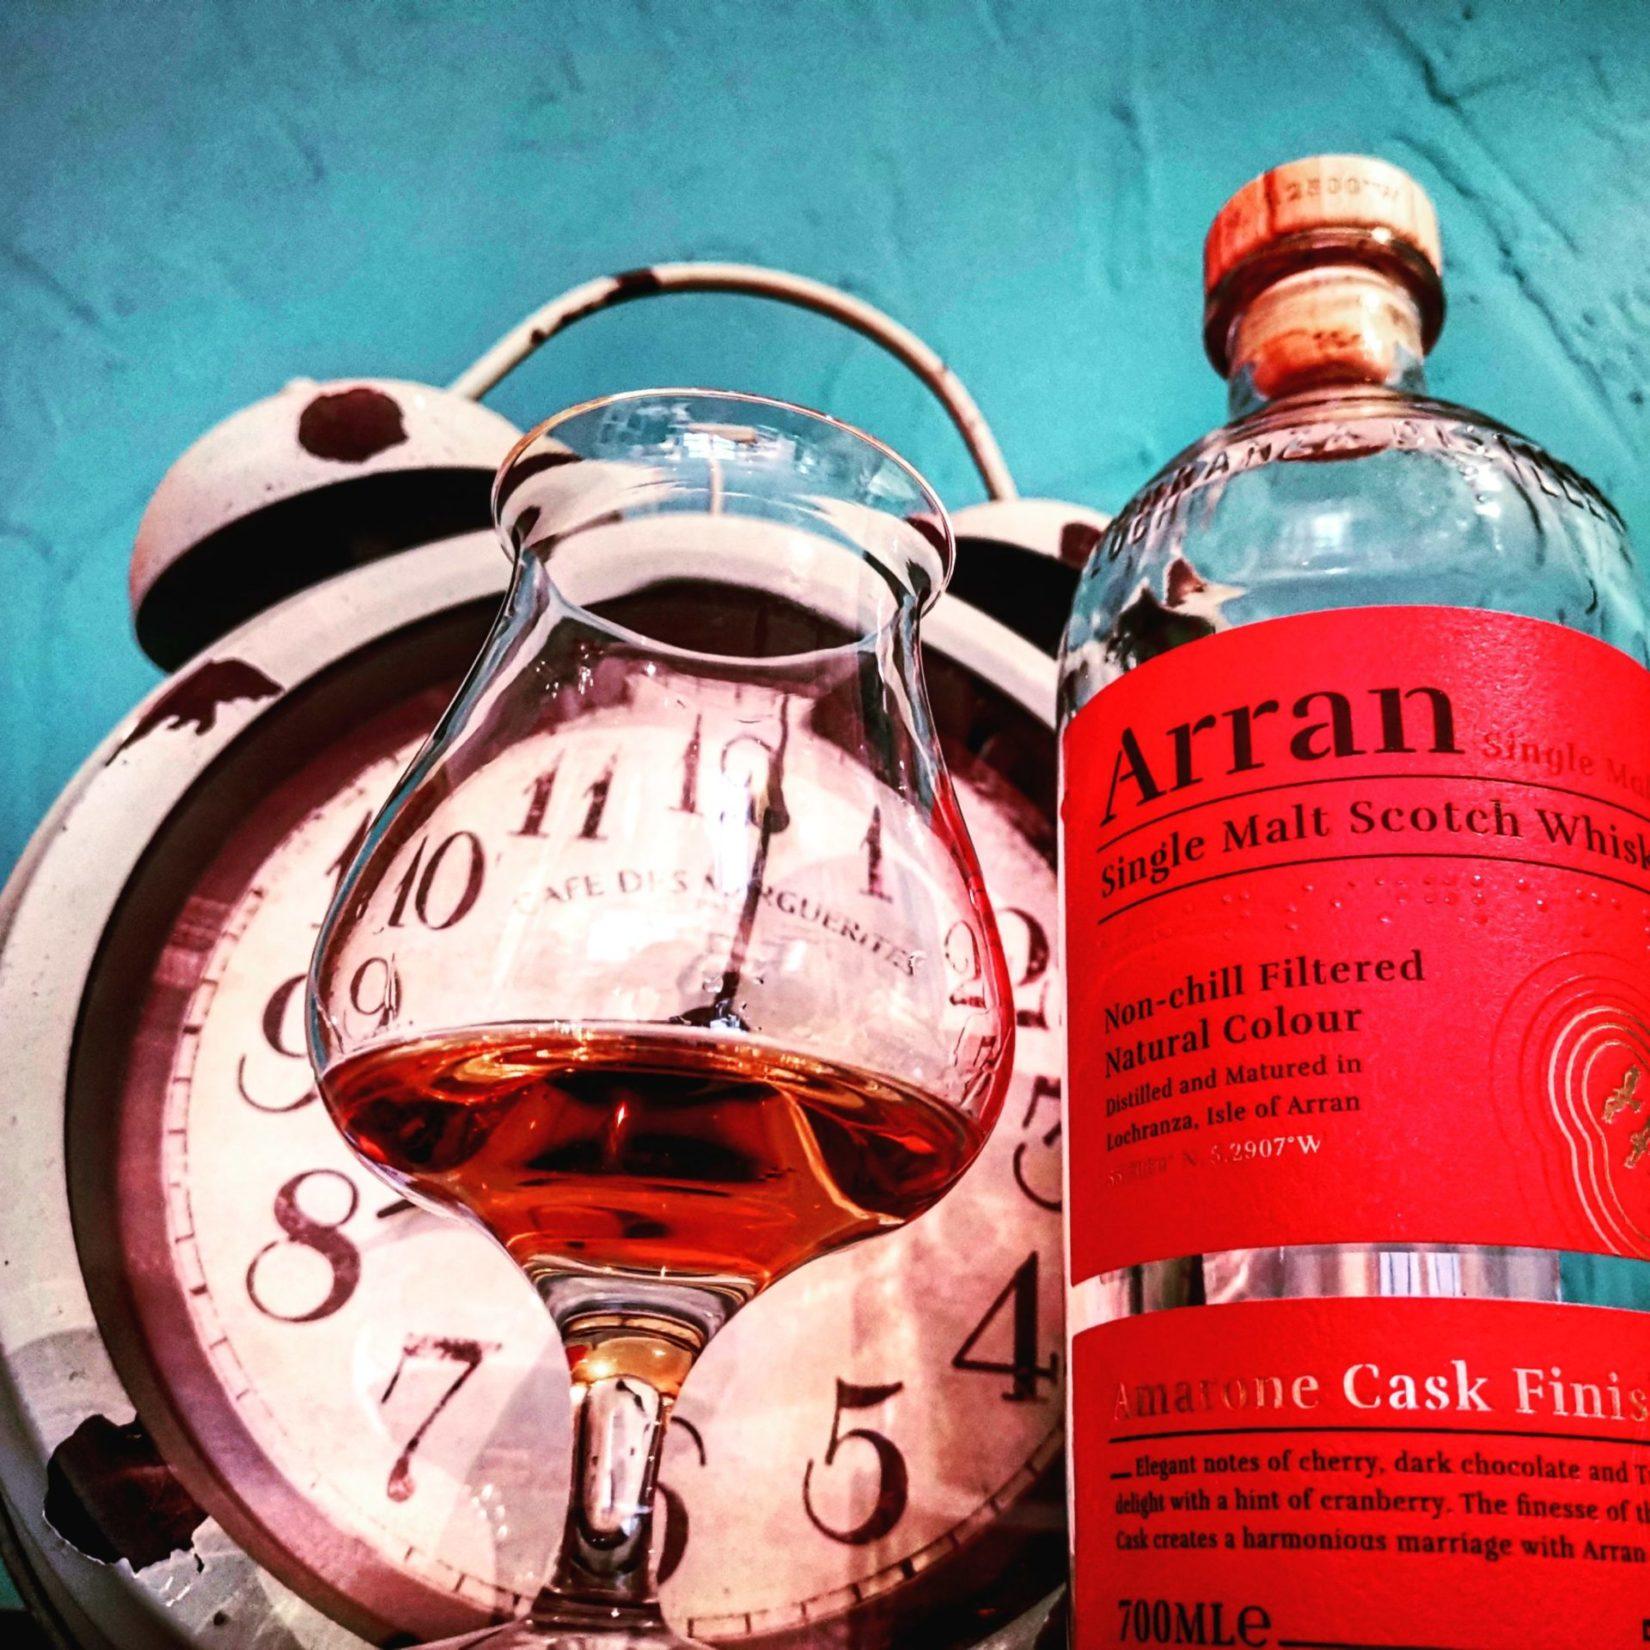 Arran Amarone Cask Finish Islands Single Malt Scotch Whisky